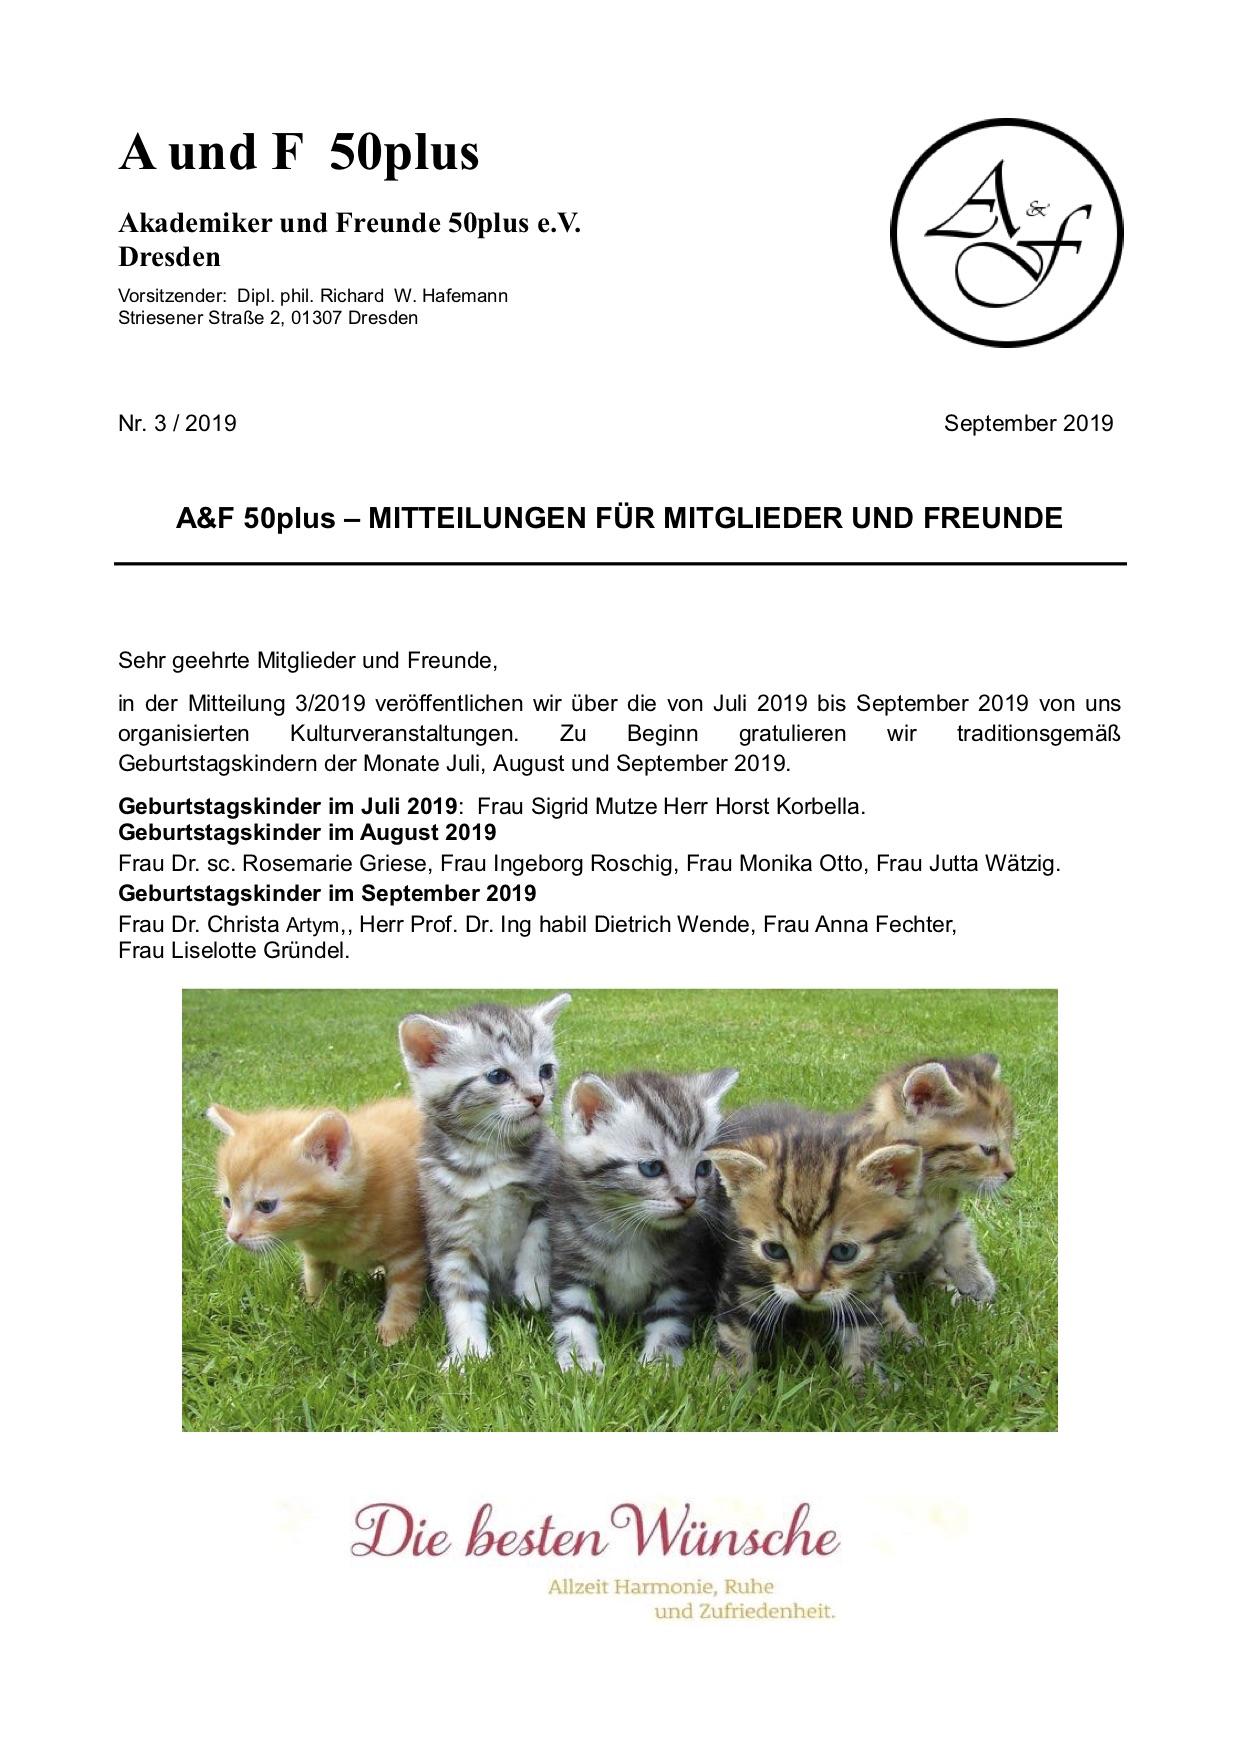 A&F-Mitteilung 3-2019